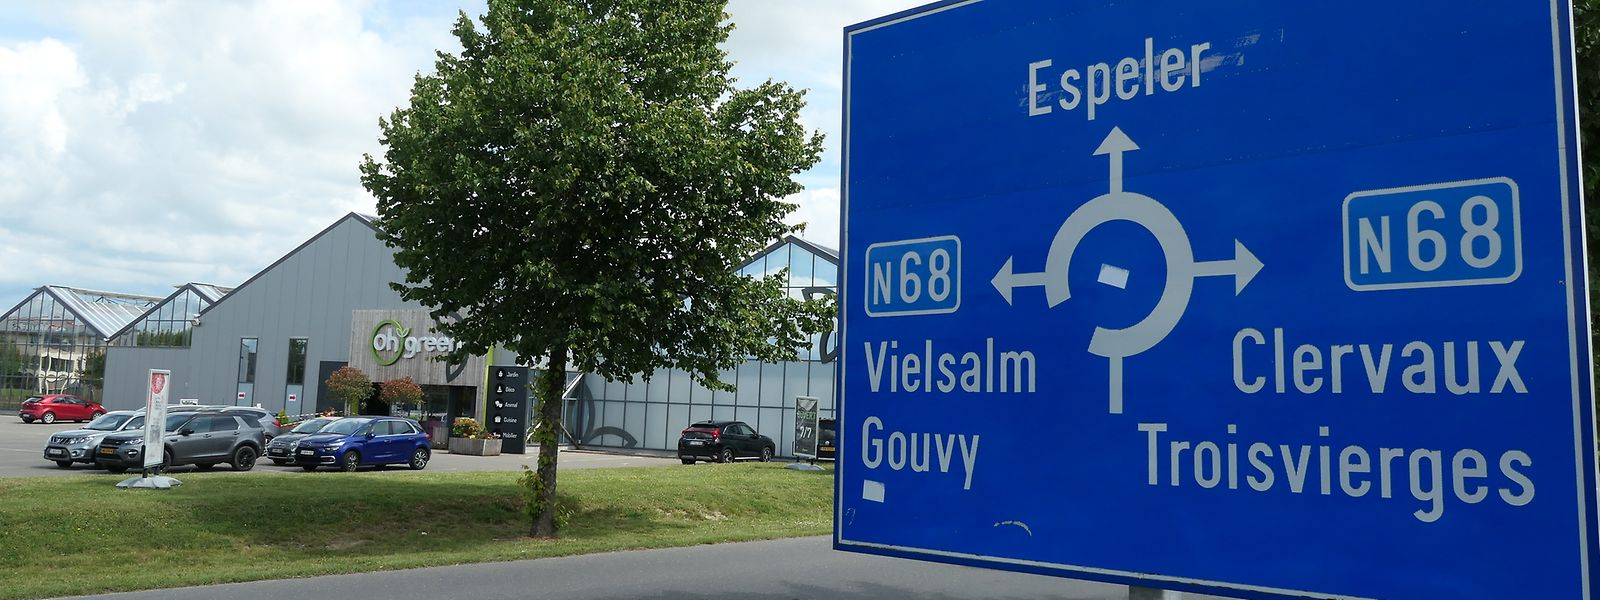 Vor einigen Wochen war es teilweise zu Kontrollen der belgisch-luxemburgischen Grenze im hohen Norden des Landes gekommen. Dazu soll es diesmal nicht kommen.